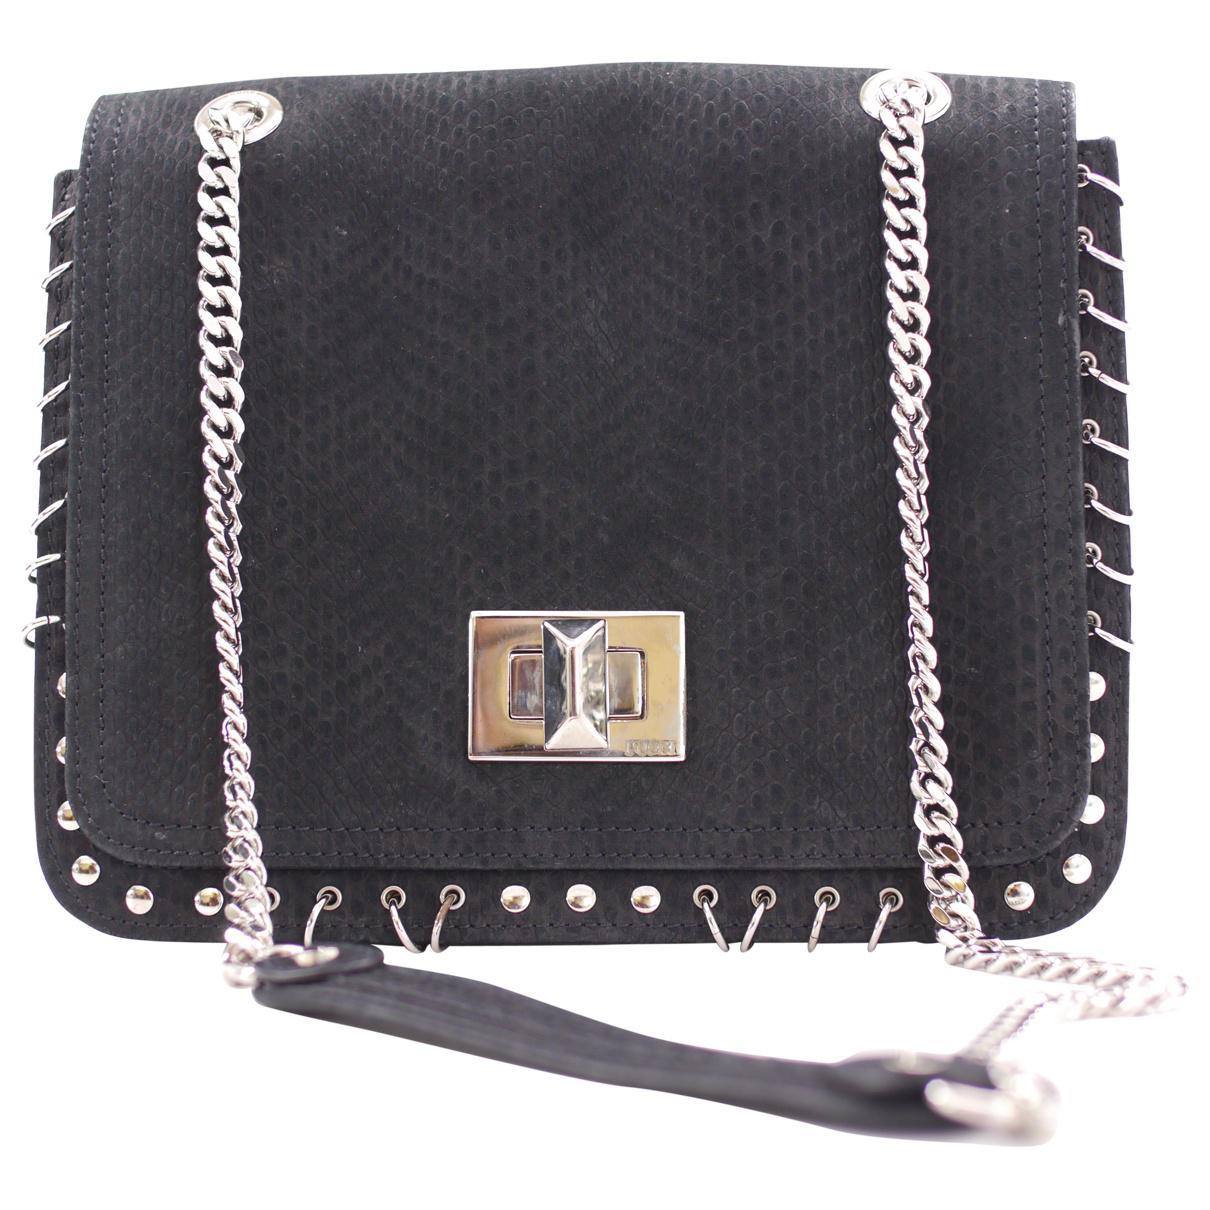 Emilio Pucci Pre-owned - Bag vGNn4qb36s